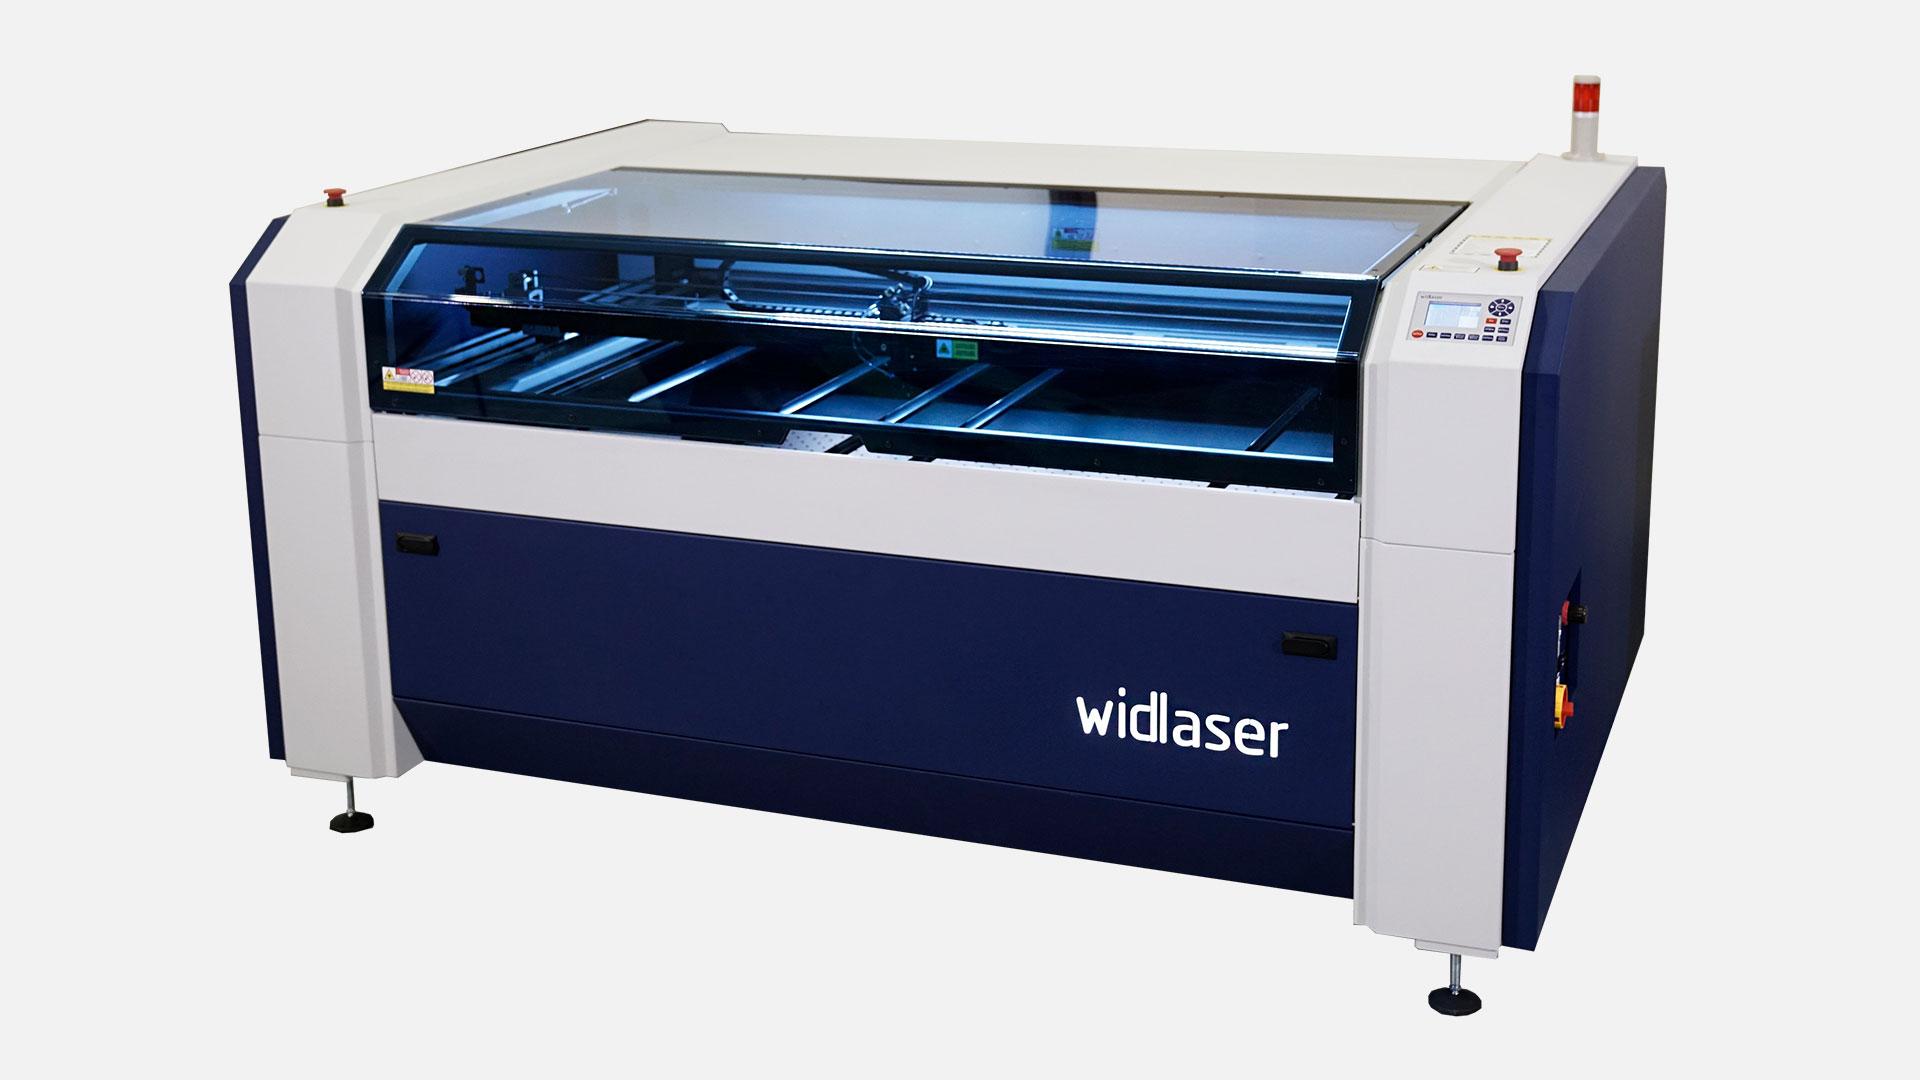 widlaser_ls1390_9